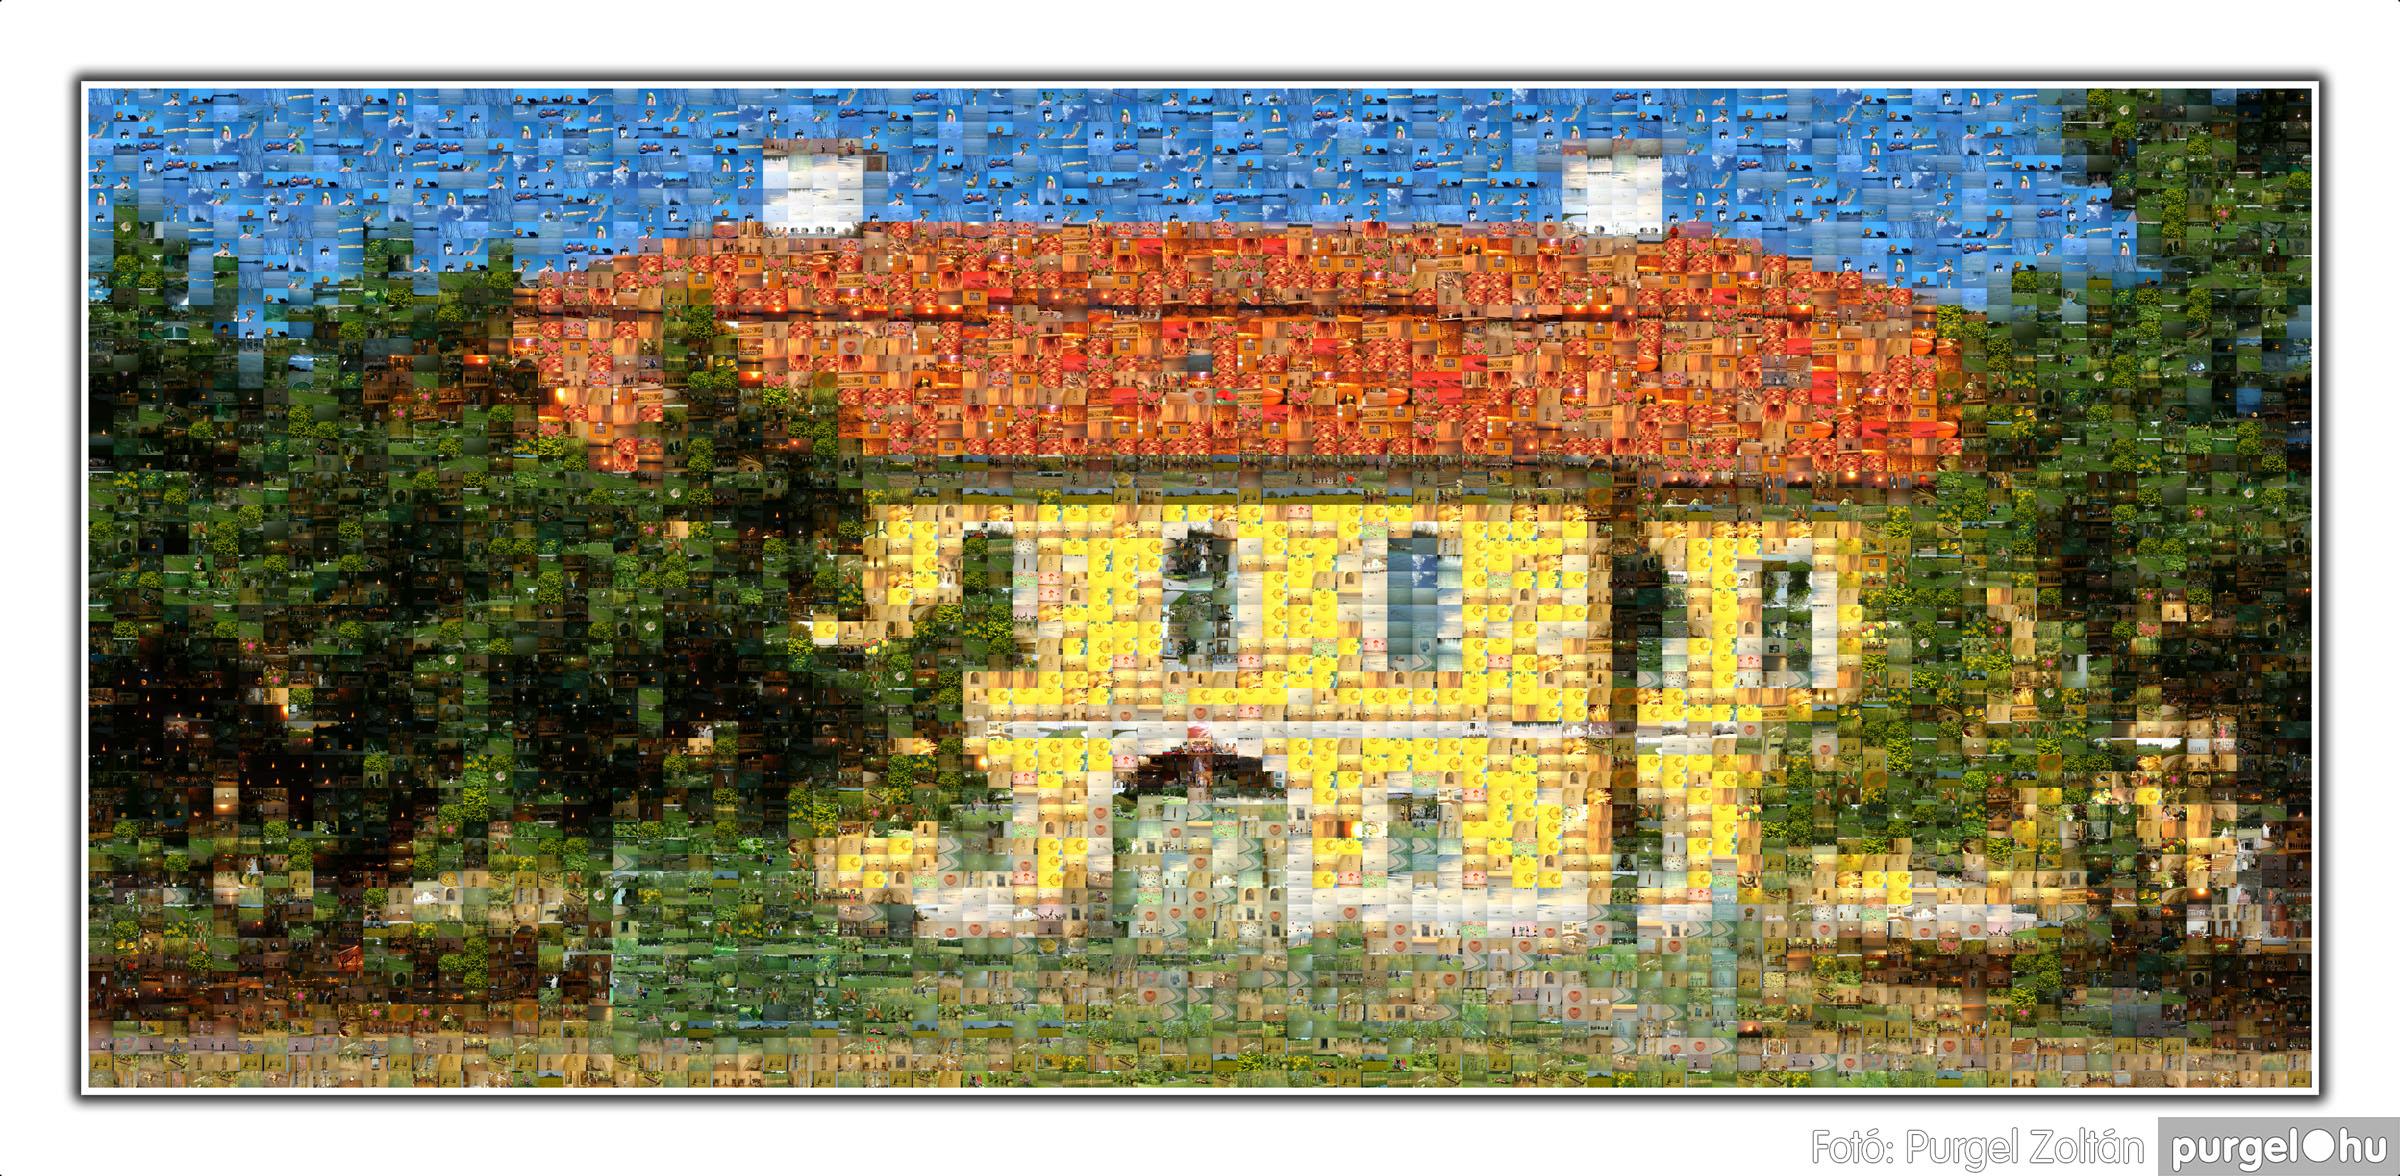 001 Örök pillanatok fotókiállításom képei - Kastély mozaik · Castle mosaic - Fotó:PURGEL ZOLTÁN©.jpg